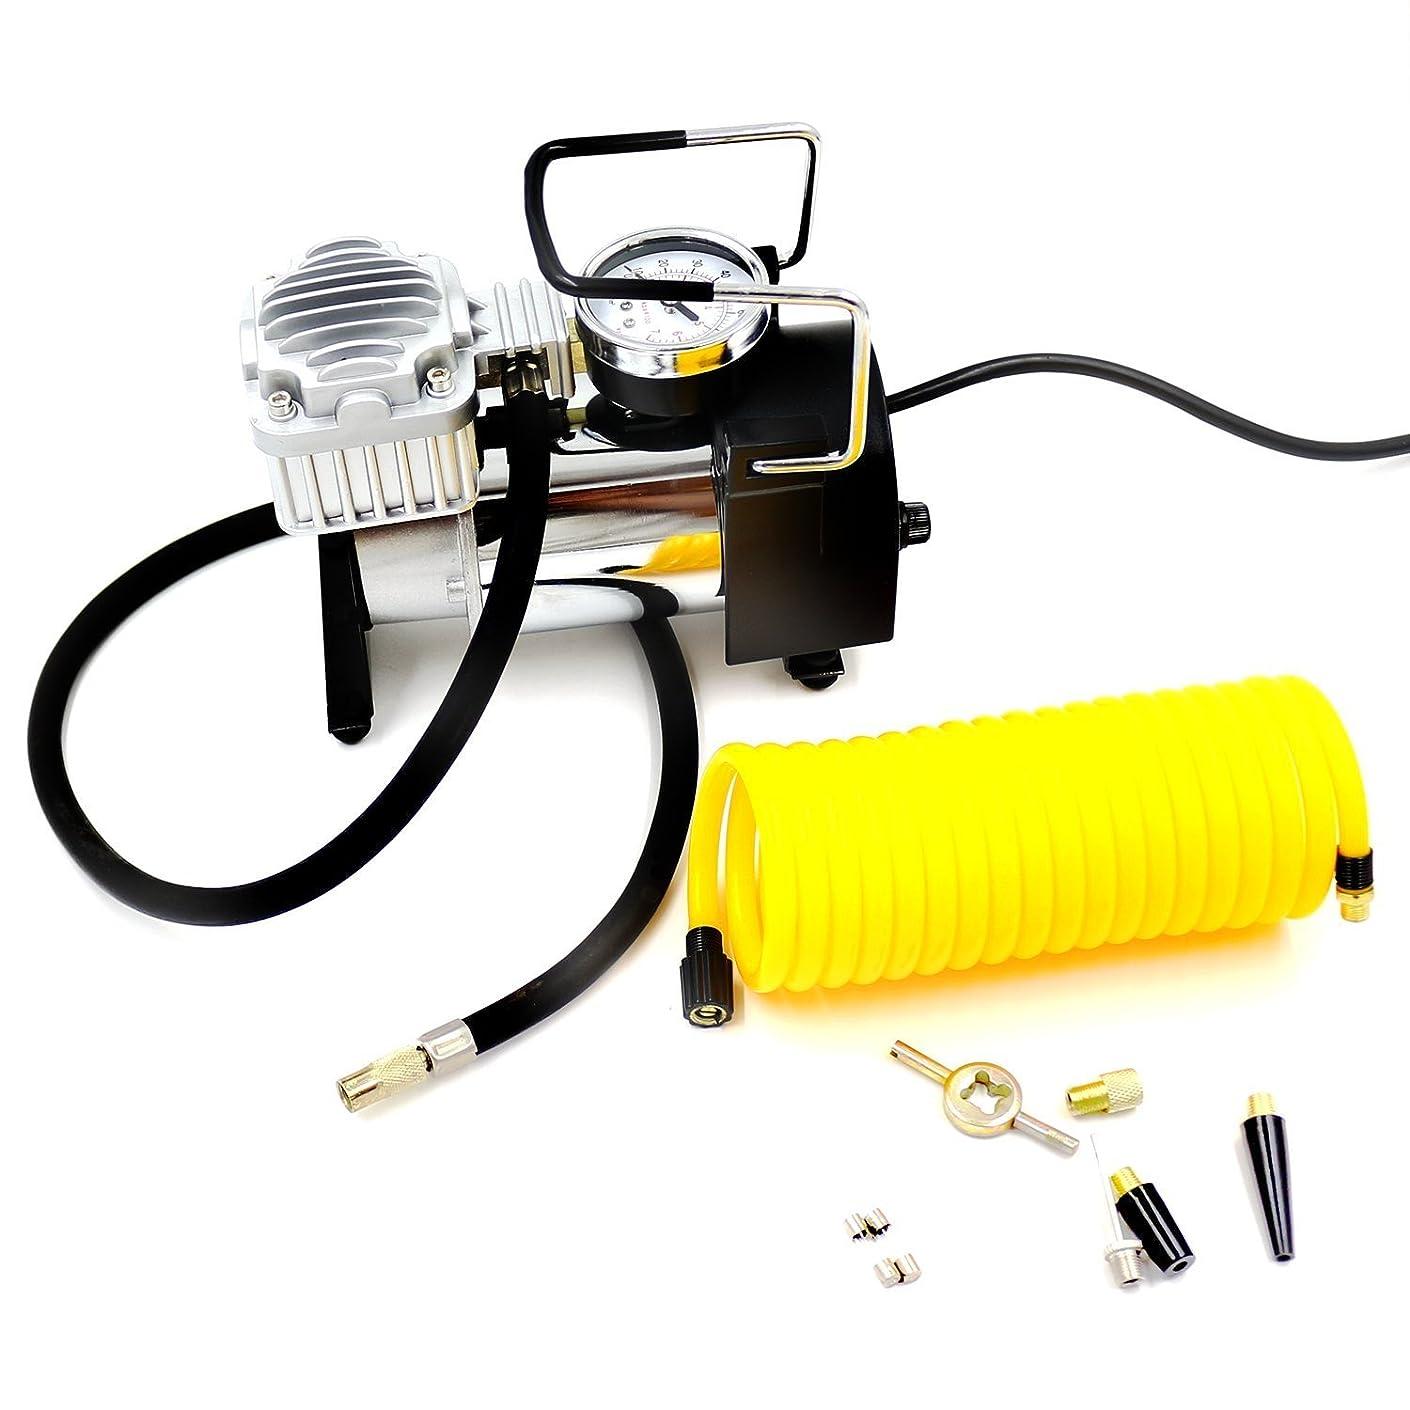 クランプ水陸両用老人AC 100V 電源 家庭用 電動エアーポンプ エアポンプ 空気入れ ポンプ エアーコンプレッサー 多用途 100PSI (3種ノズル/エアホース(3m)付属)